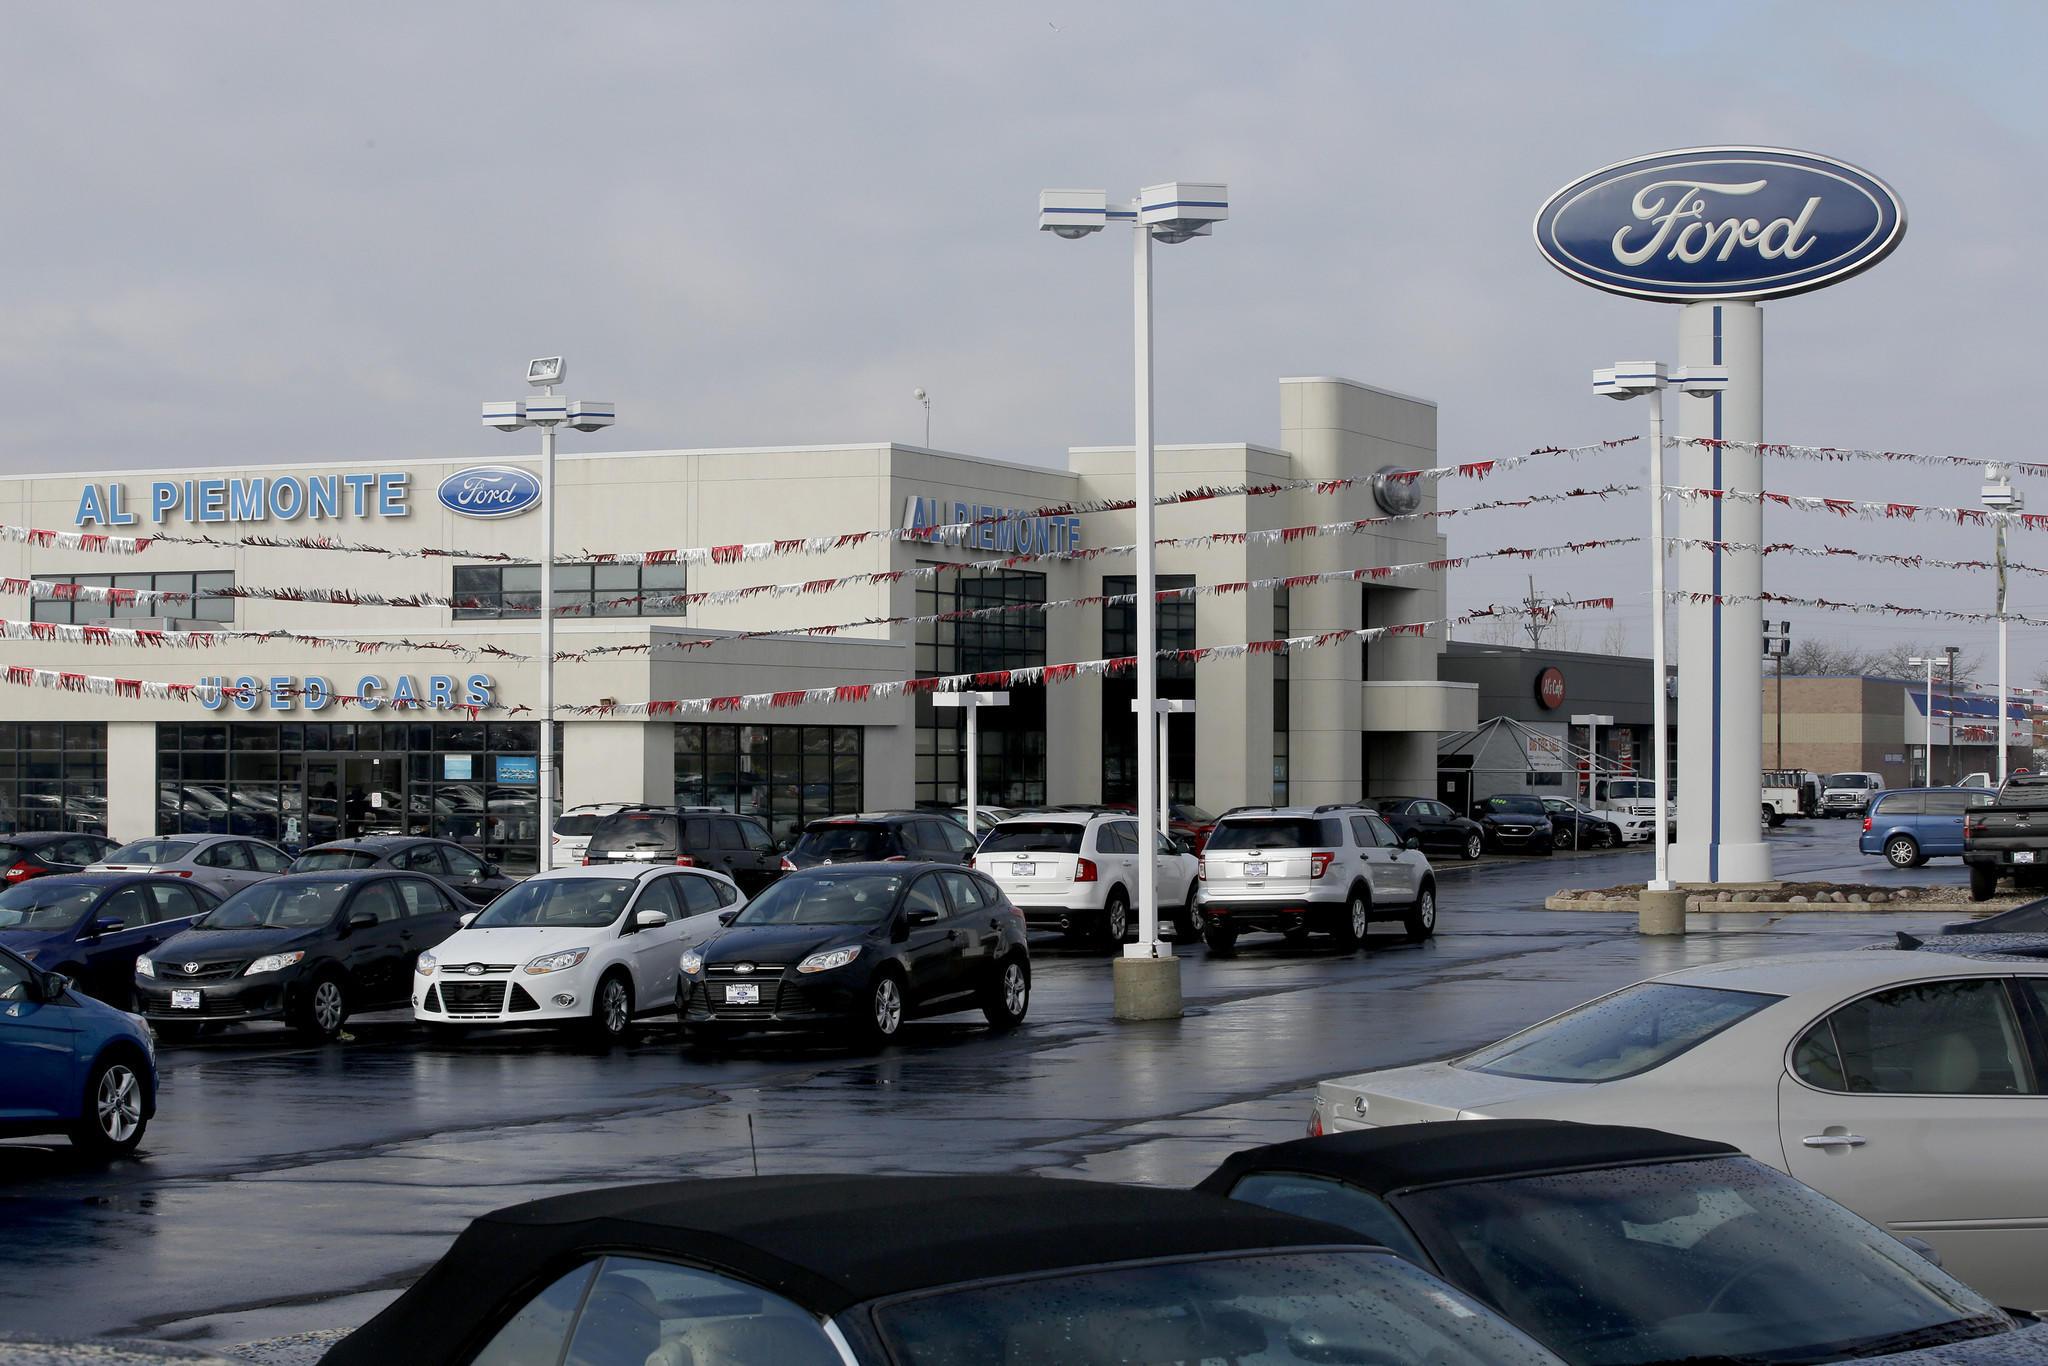 Al Piemonte Ford dealership on North Av. and 25th Av. in Melrose Park. (Chuck Berman/Chicago Tribune)